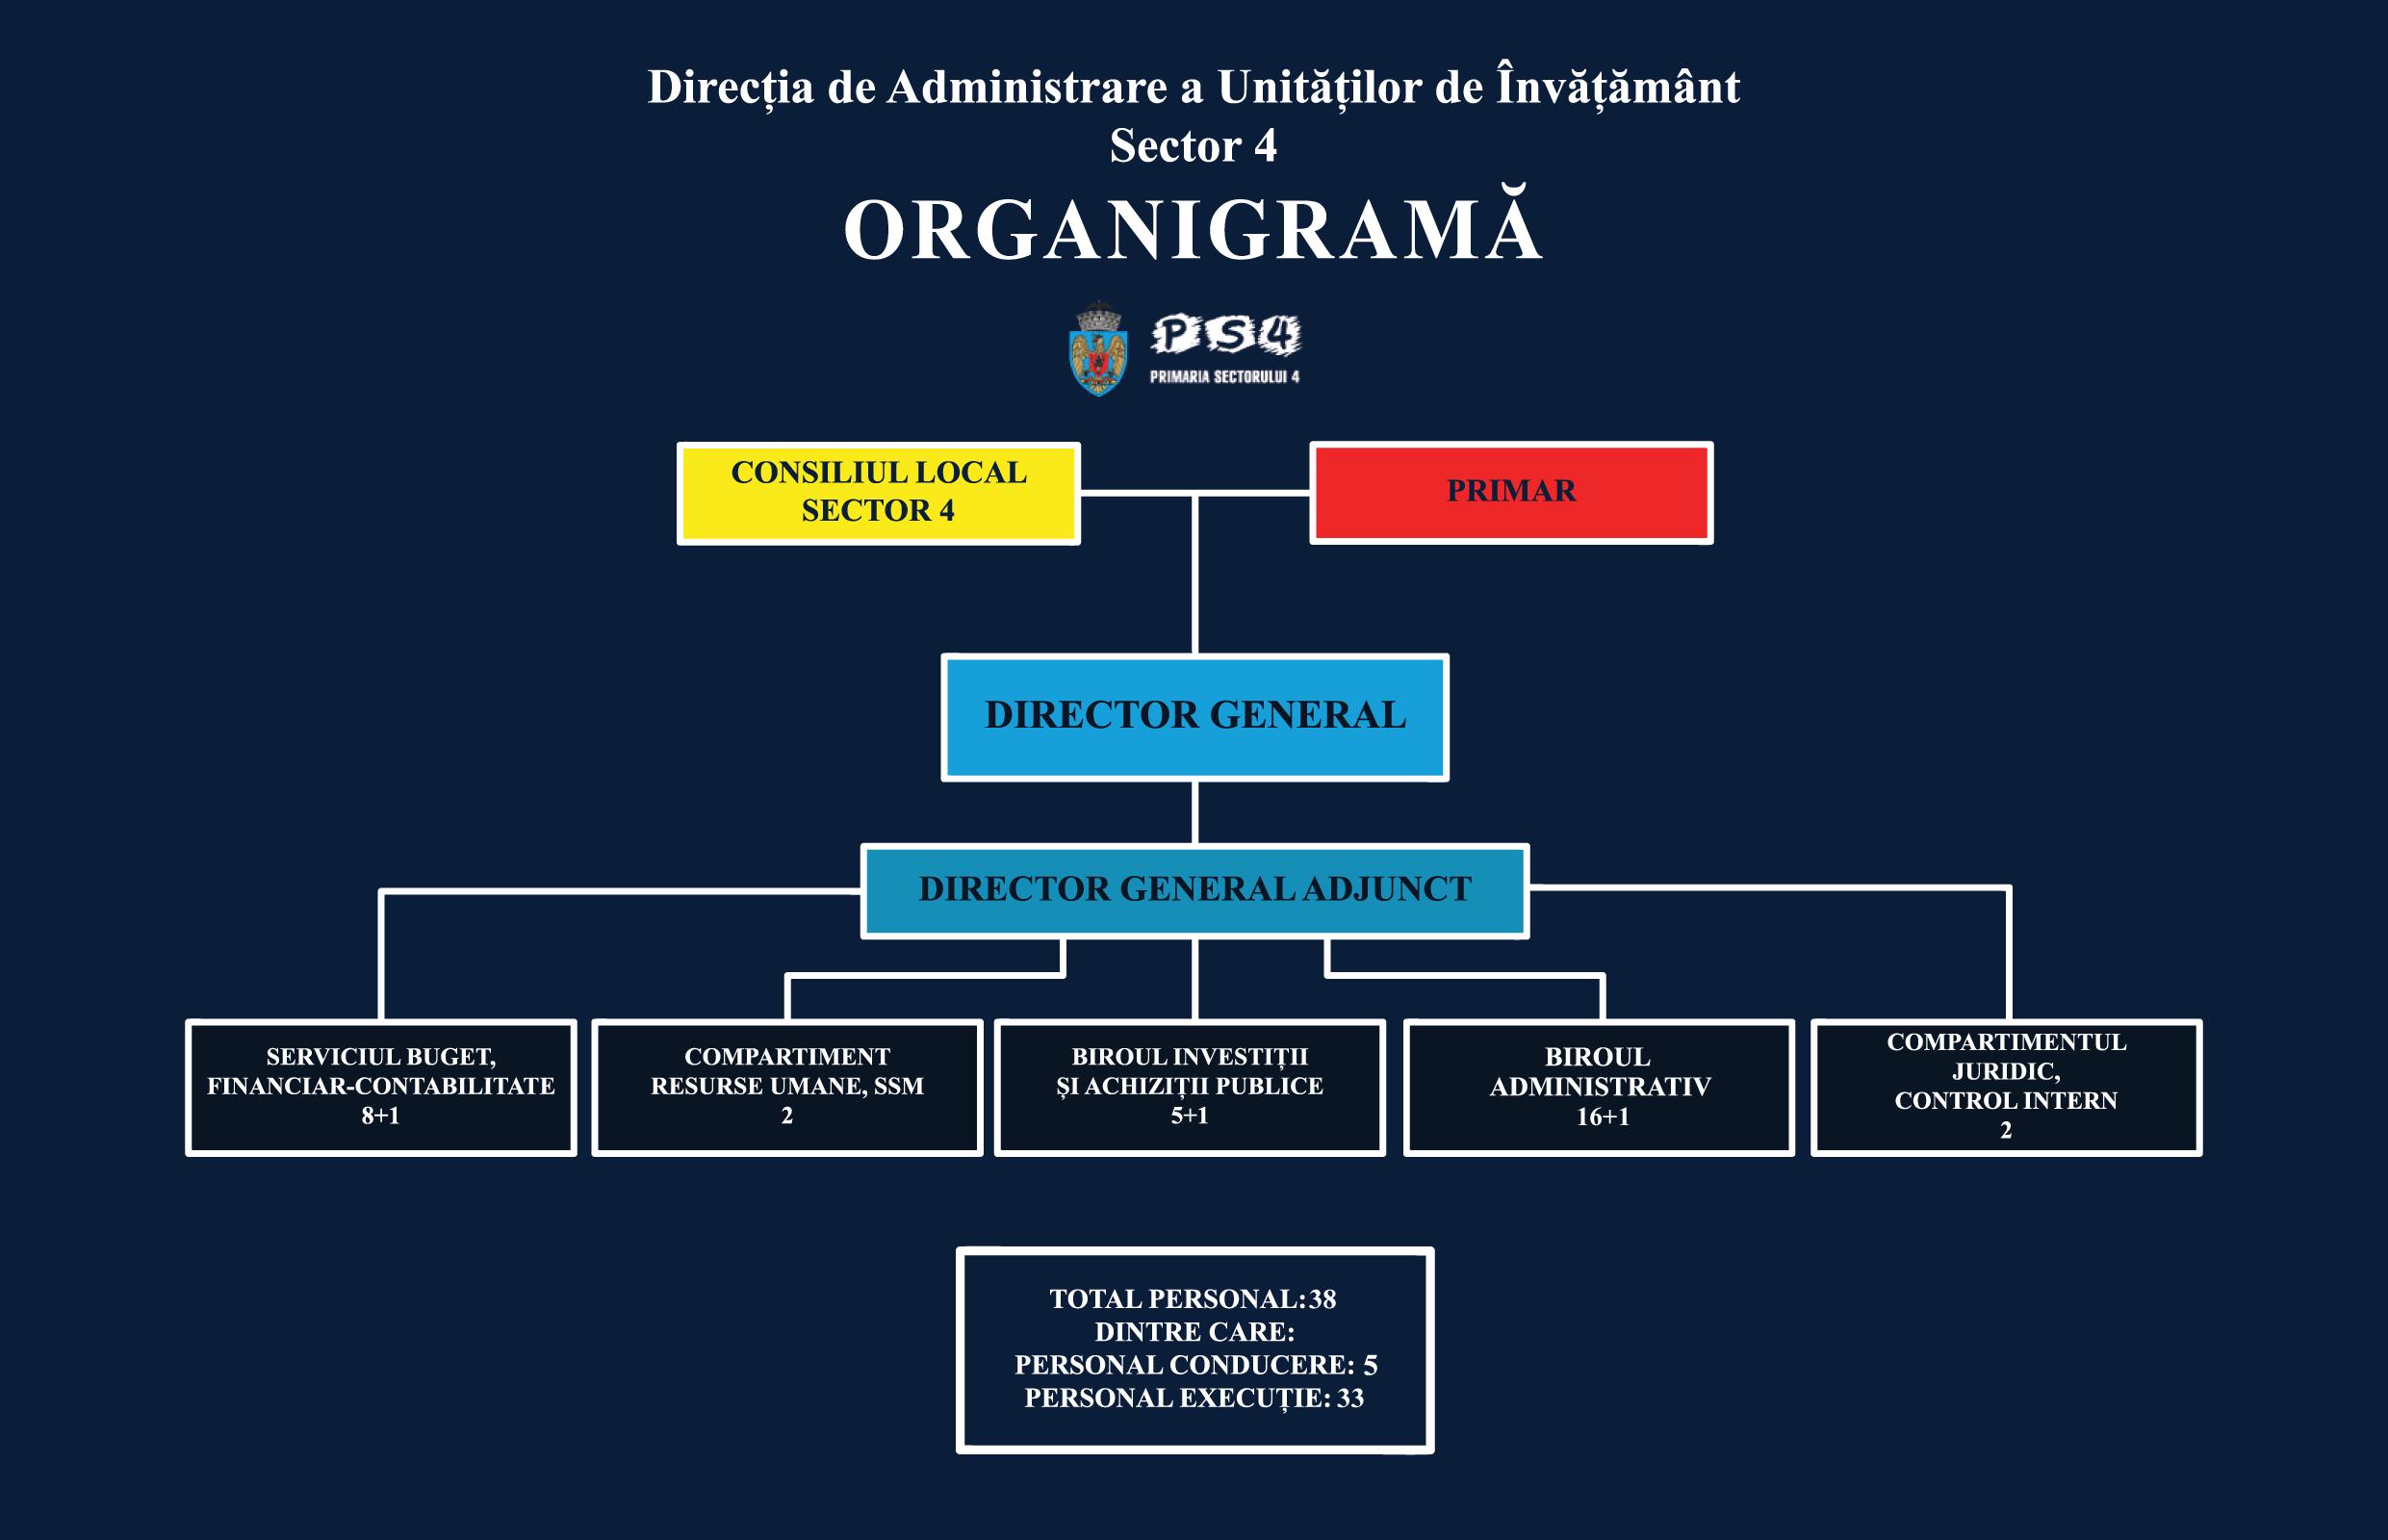 Organigrama DAUI